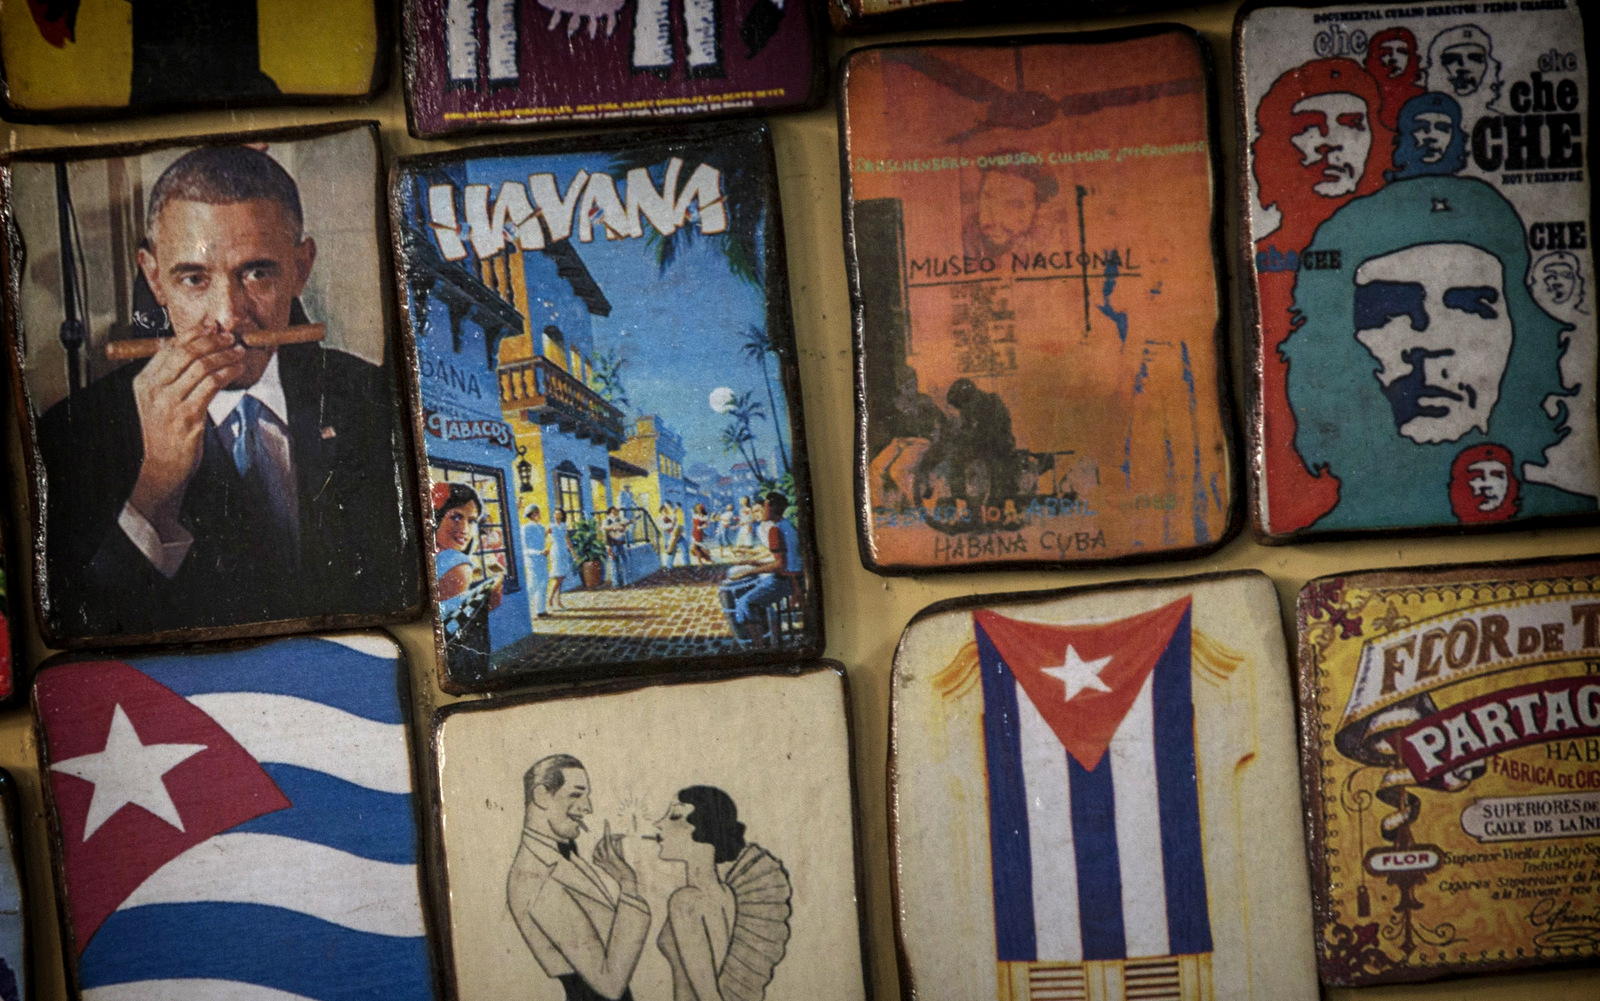 Imanes para la venta decorar una tienda para turistas, una que muestra una imagen del presidente estadounidense, Barack Obama oler un cigarro, en un mercado en La Habana, Cuba, Lunes, 16 de marzo de 2015. (AP / Ramón Espinosa)